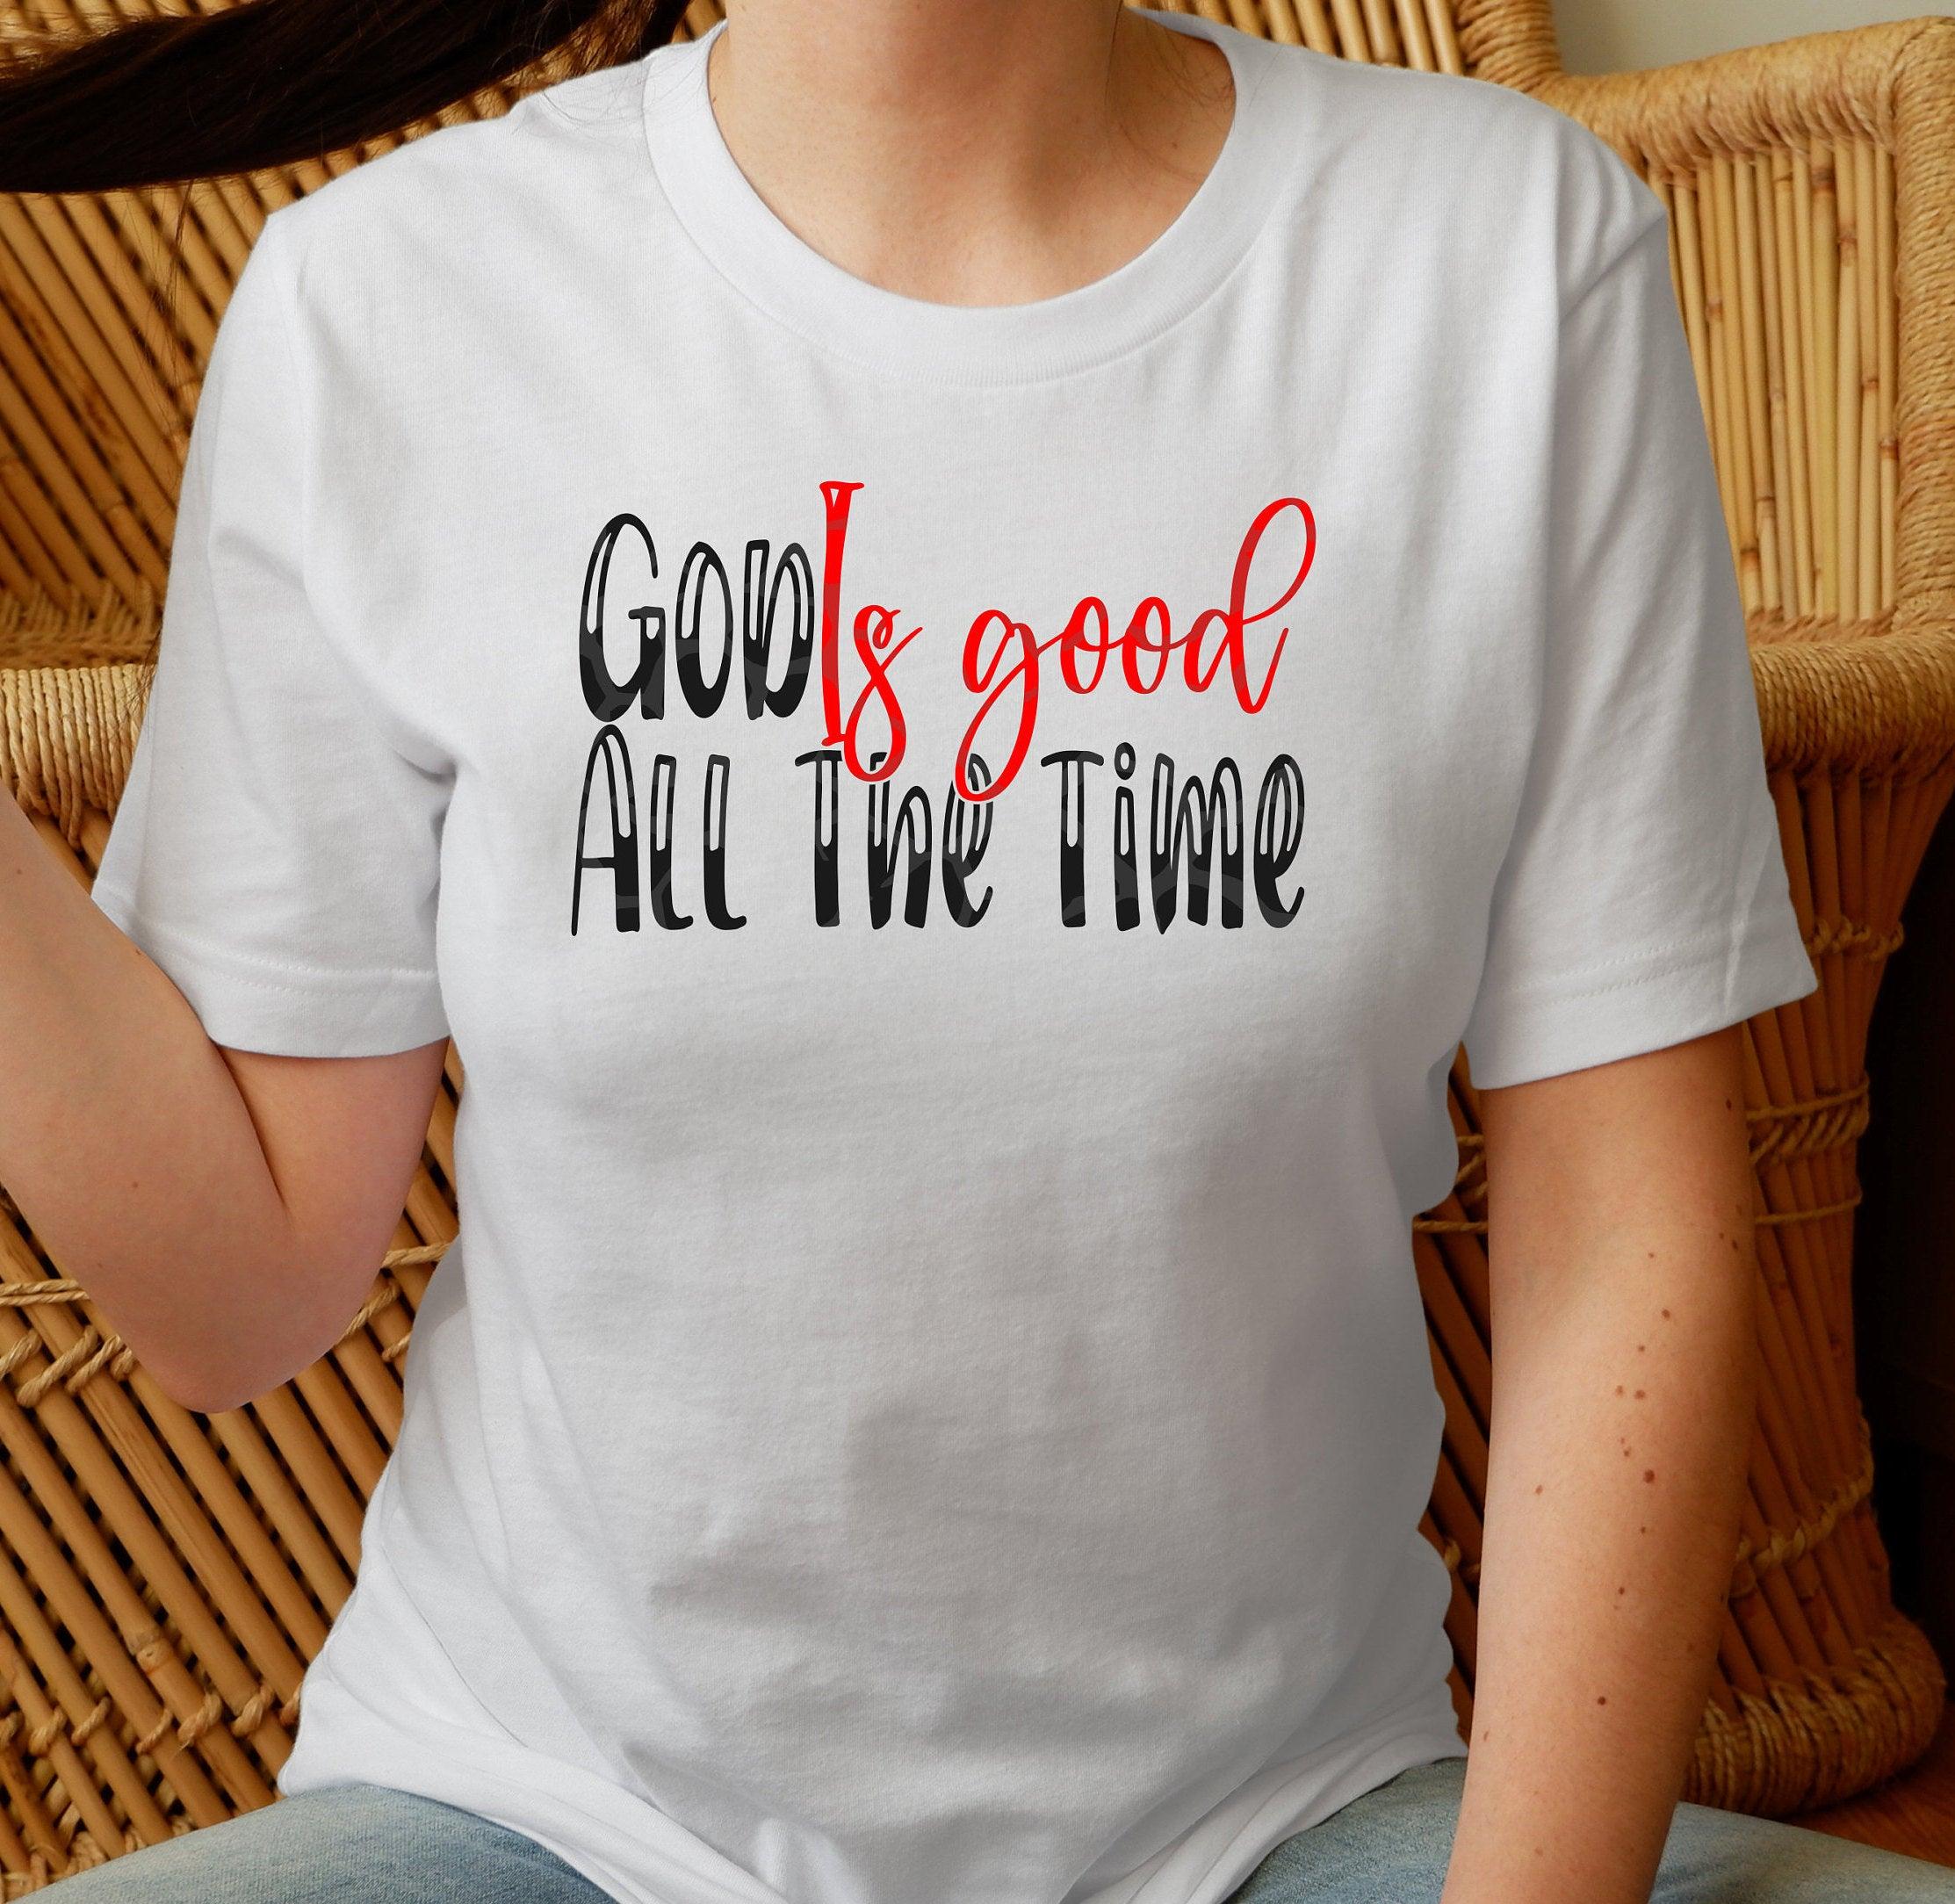 Easter-svg-god-is-good-all-the-time-svg-religious-svg-jesus-svg-church-svg-easter-svg-design-easter-cut-file-easter-cricut-svg-60512a18